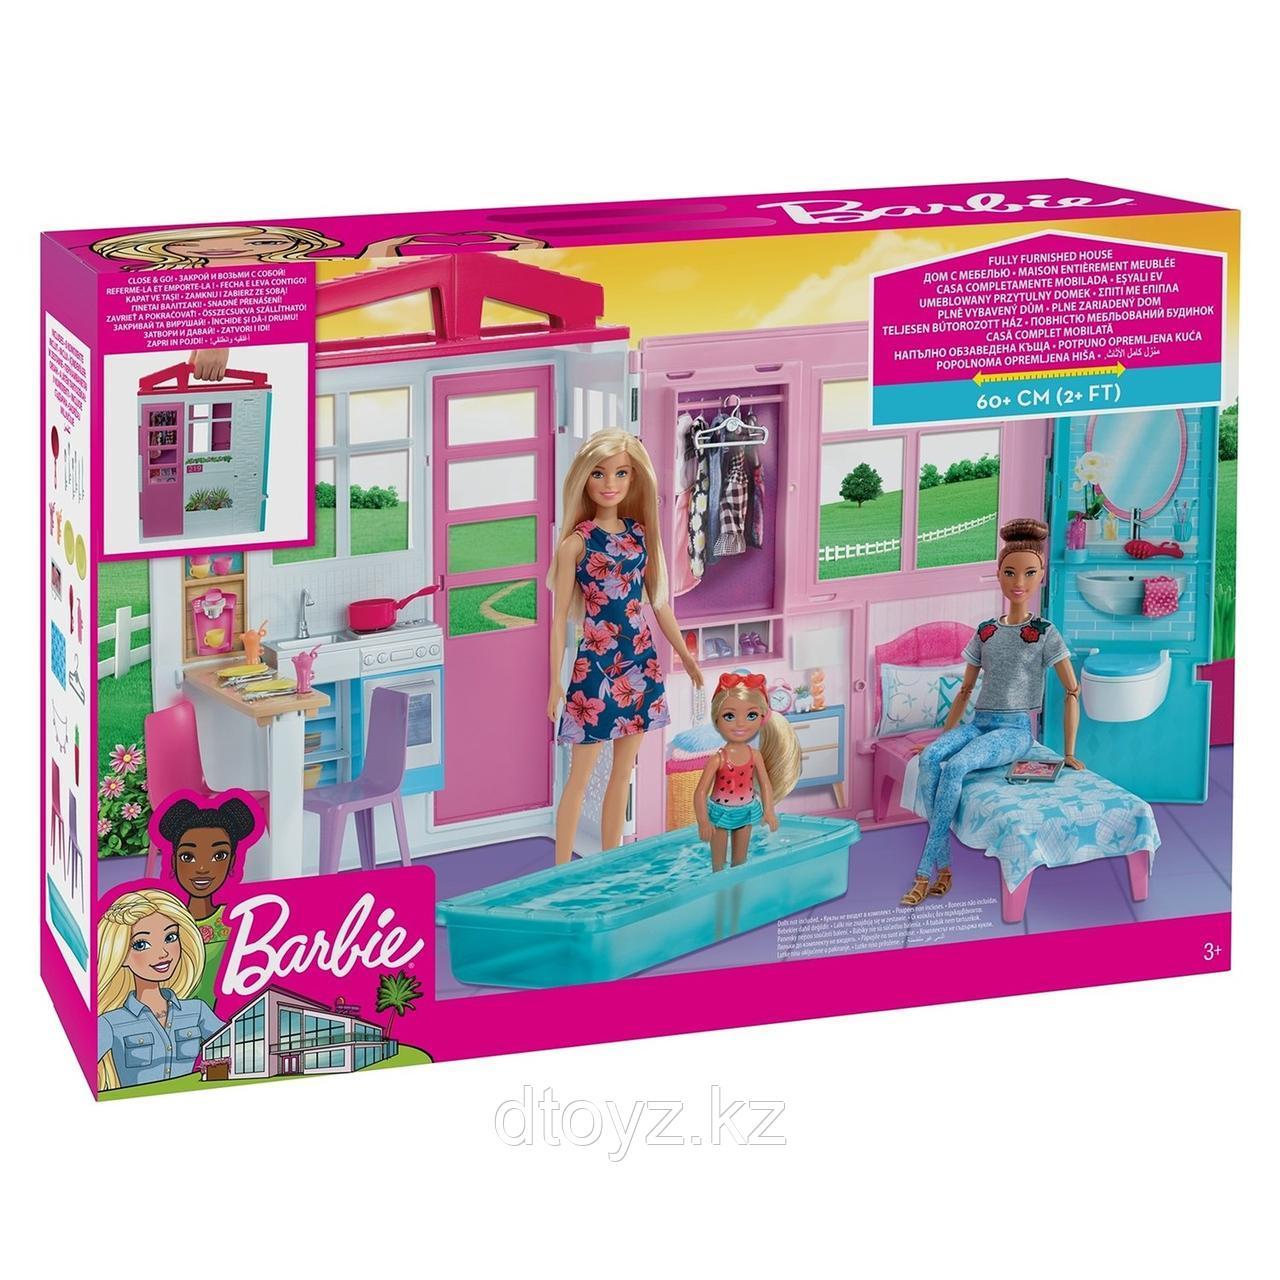 Barbie Набор игровой Кукольный дом